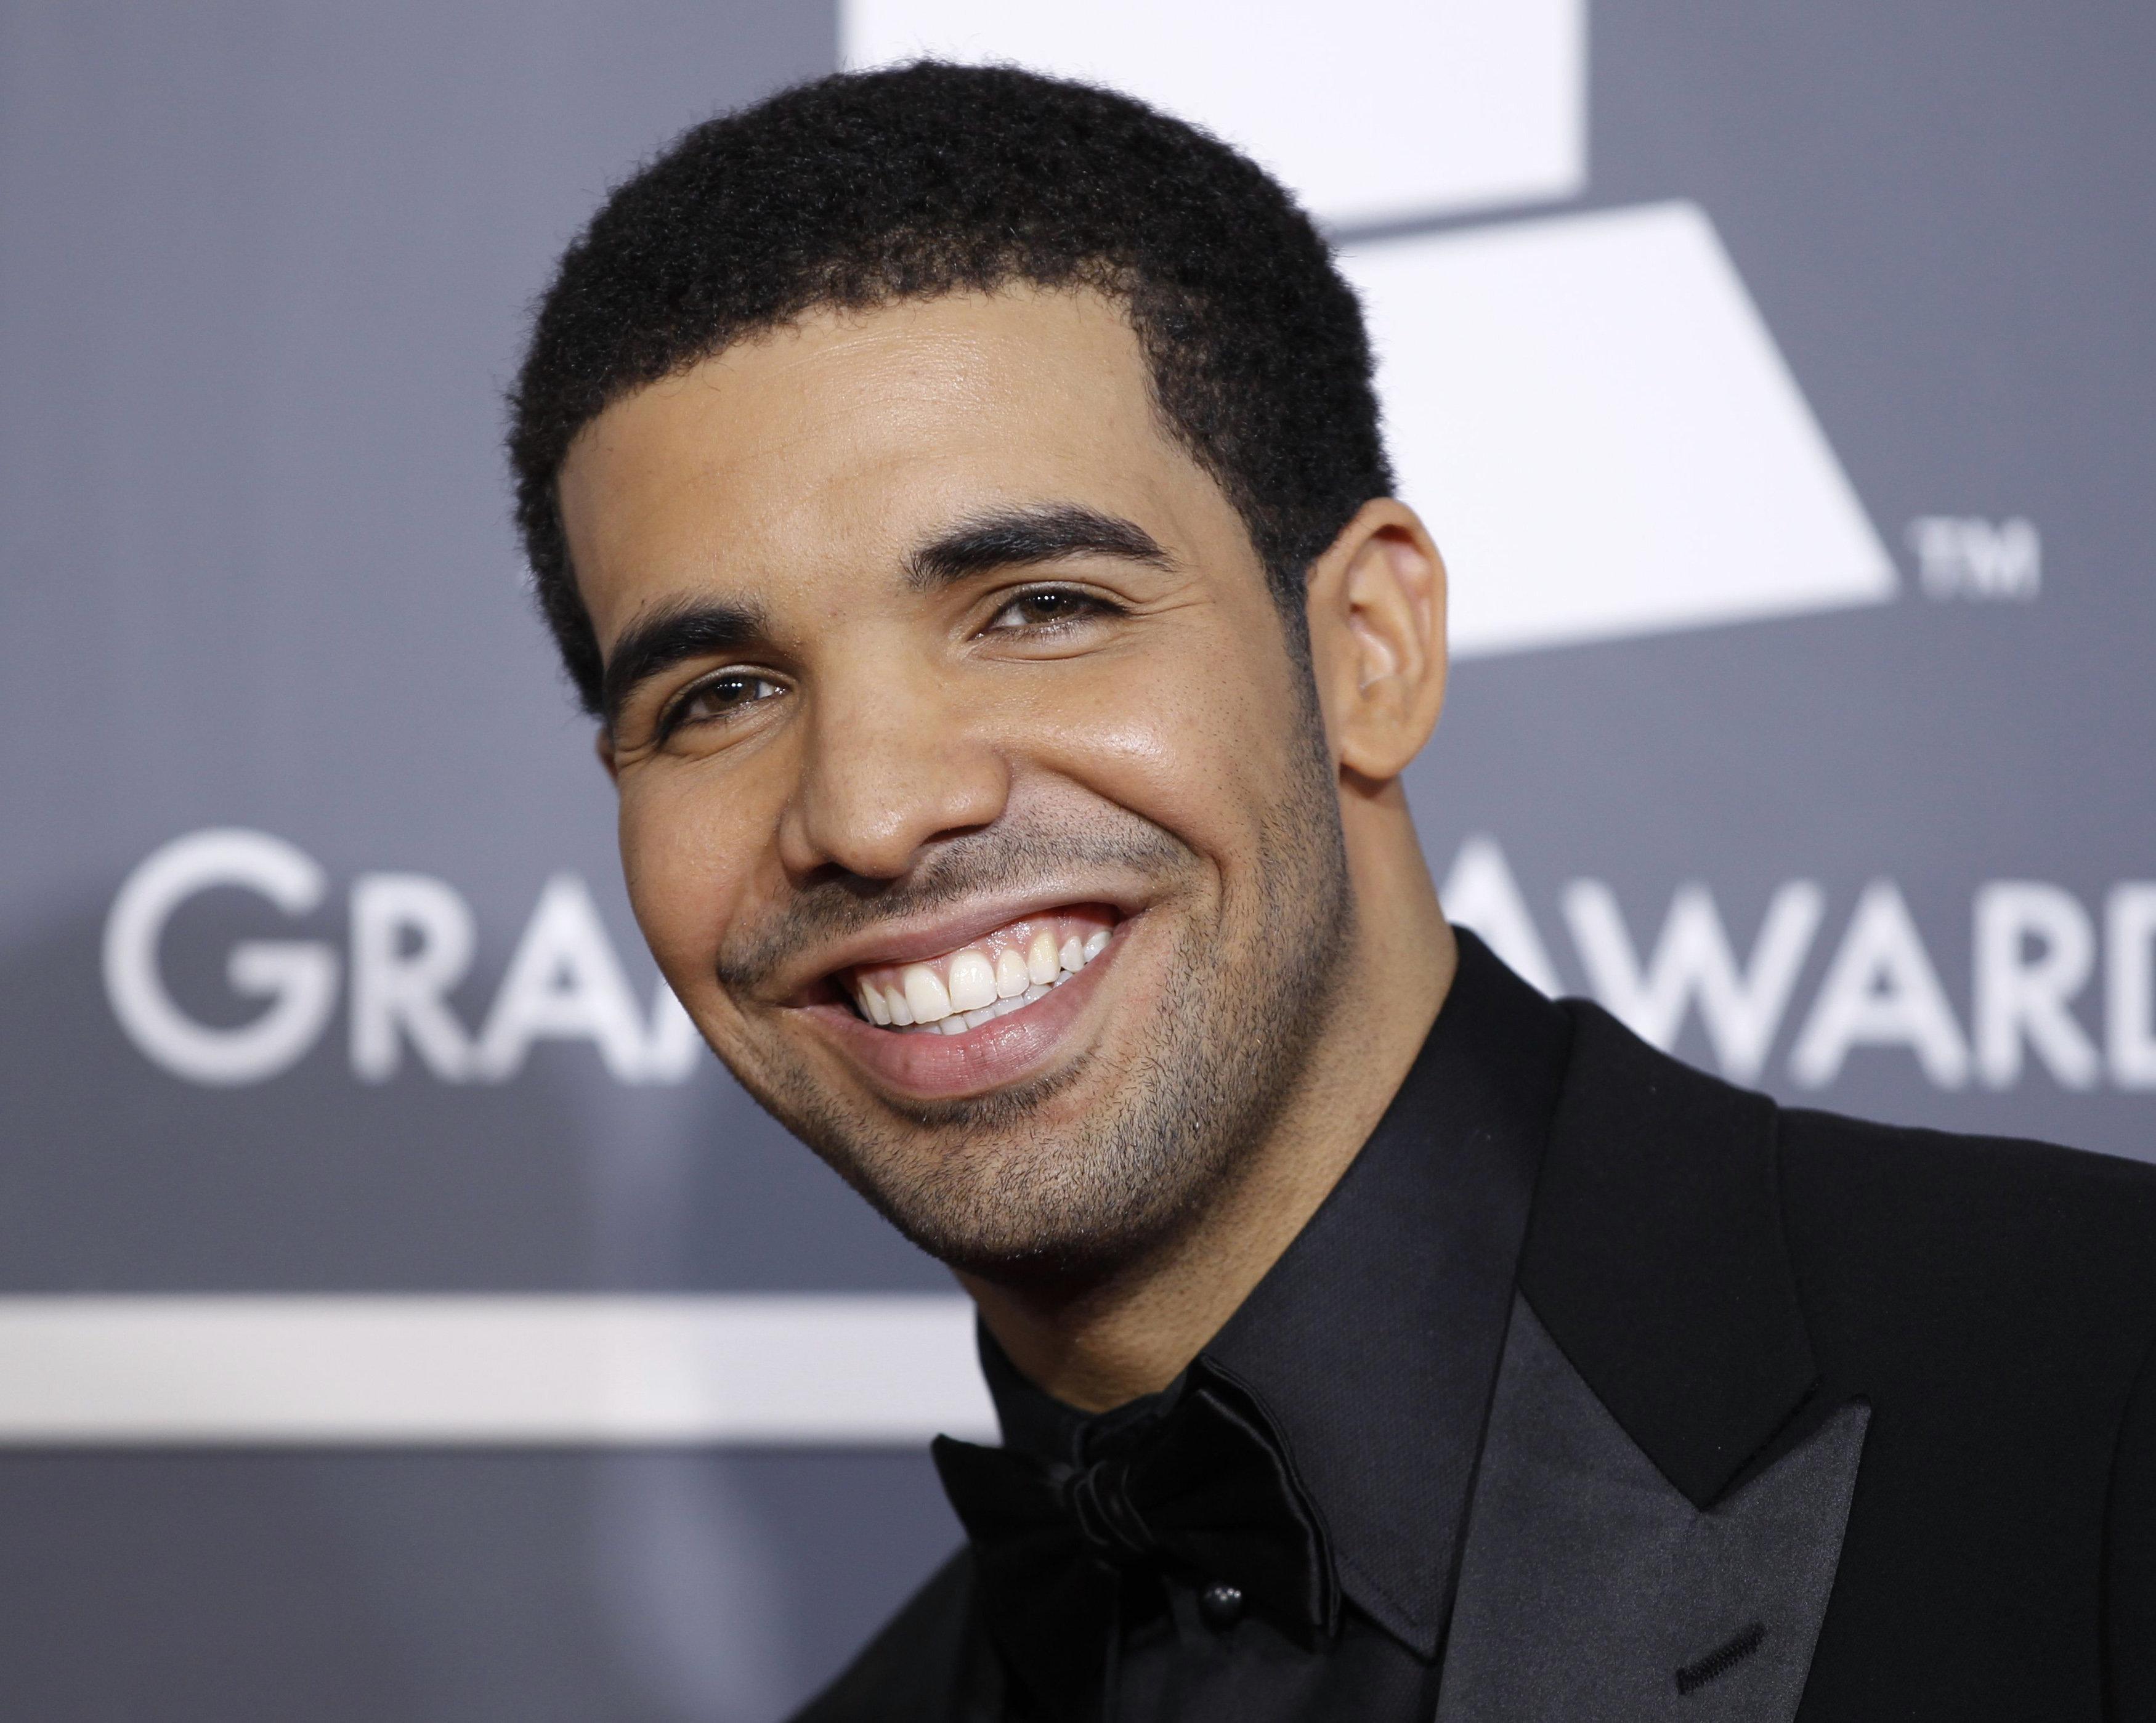 Πάλι ακύρωσε συναυλίες ο Drake. Αλλά αυτή τη φορά ο λόγος είναι πιο